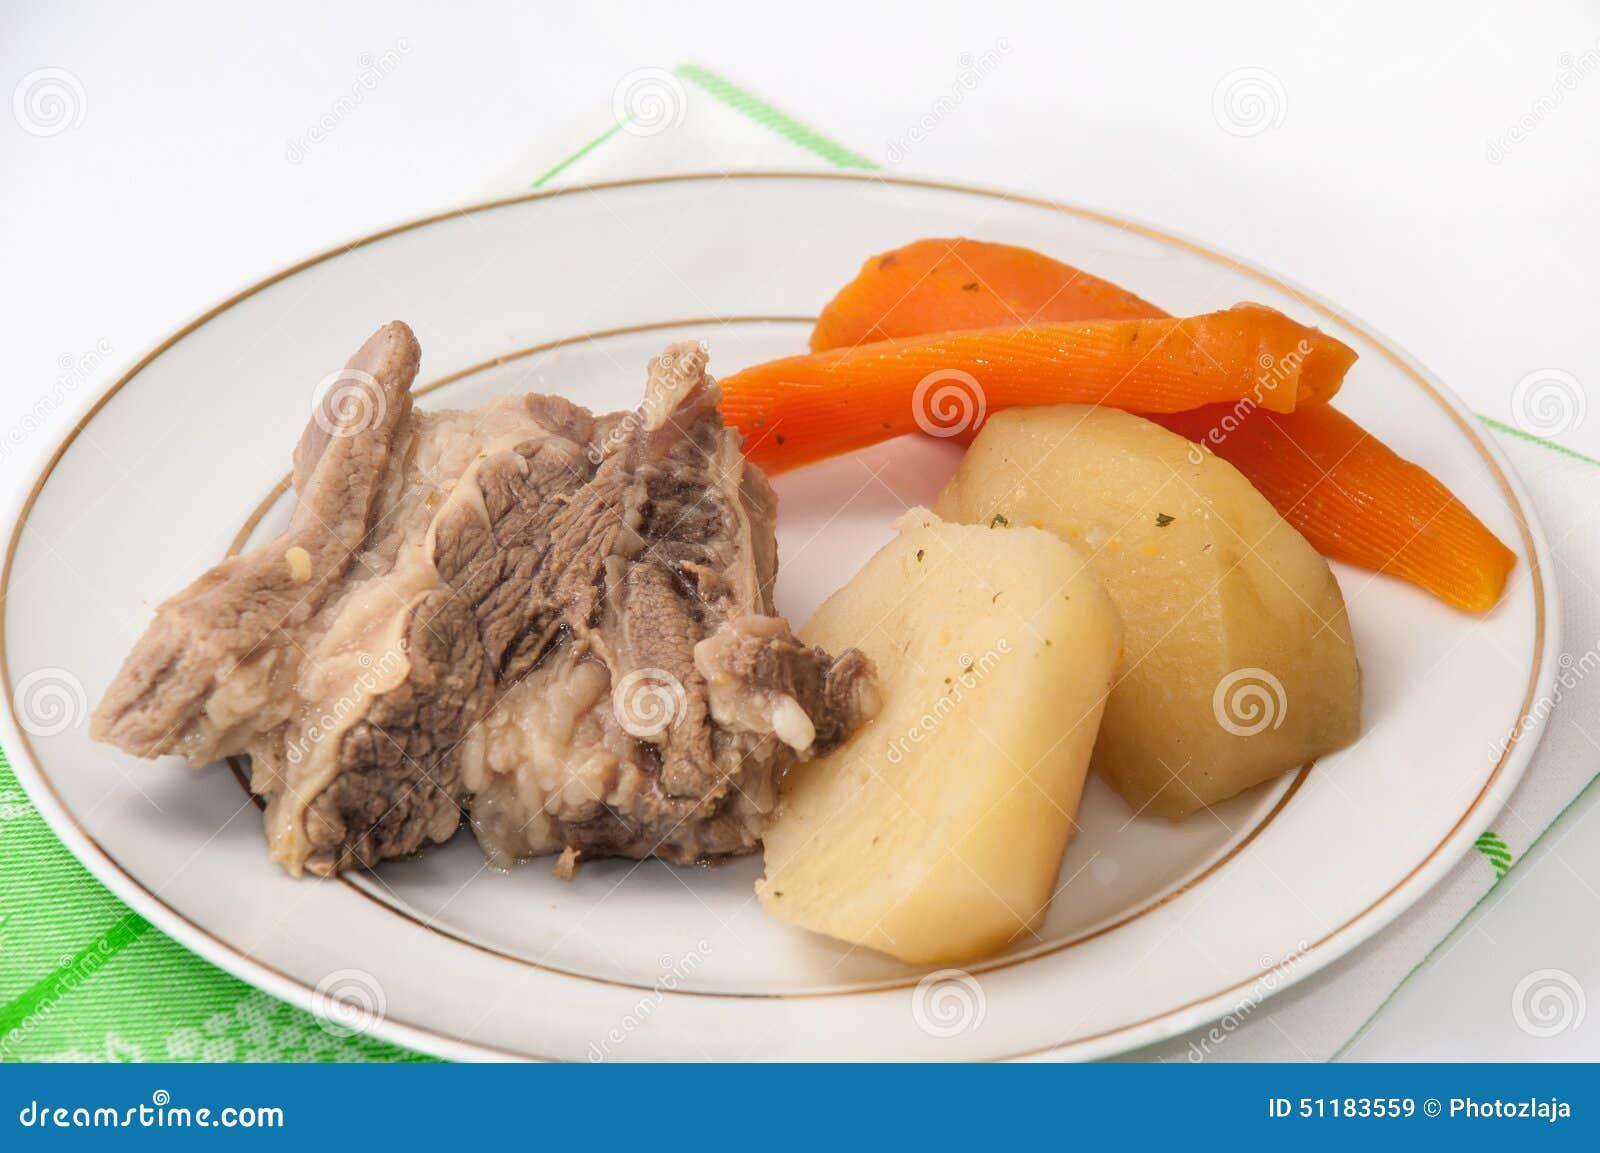 boeuf bouilli avec les pommes de terre et les carottes bouillies d 39 un plat photo stock image. Black Bedroom Furniture Sets. Home Design Ideas